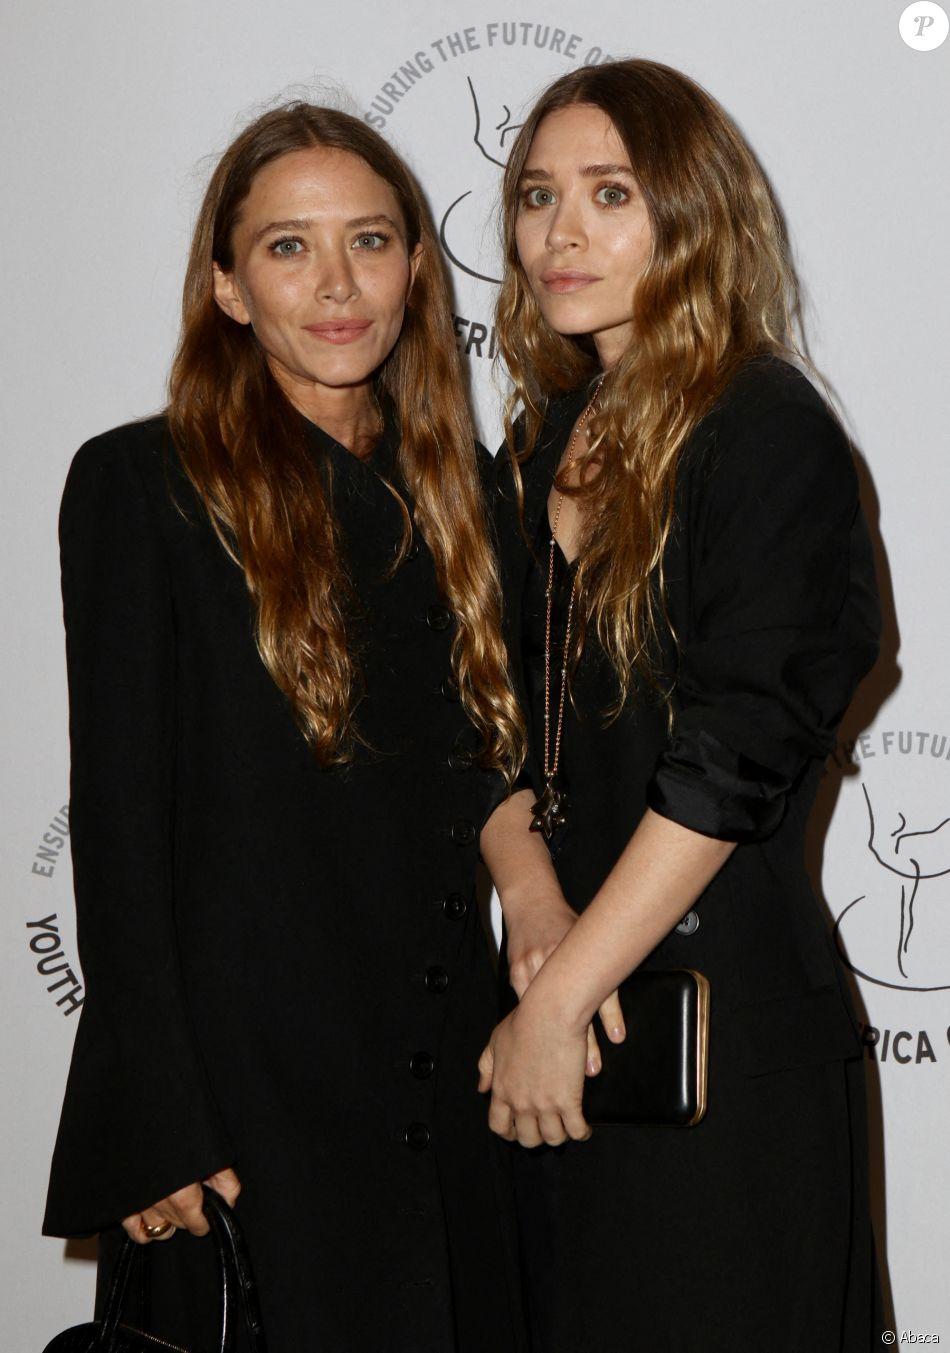 Mary-Kate et Ashley Olsen au gala du 20e anniversaire de  YAGP (Youth america grand prix) organisé le 18 avril 2019 à New York.